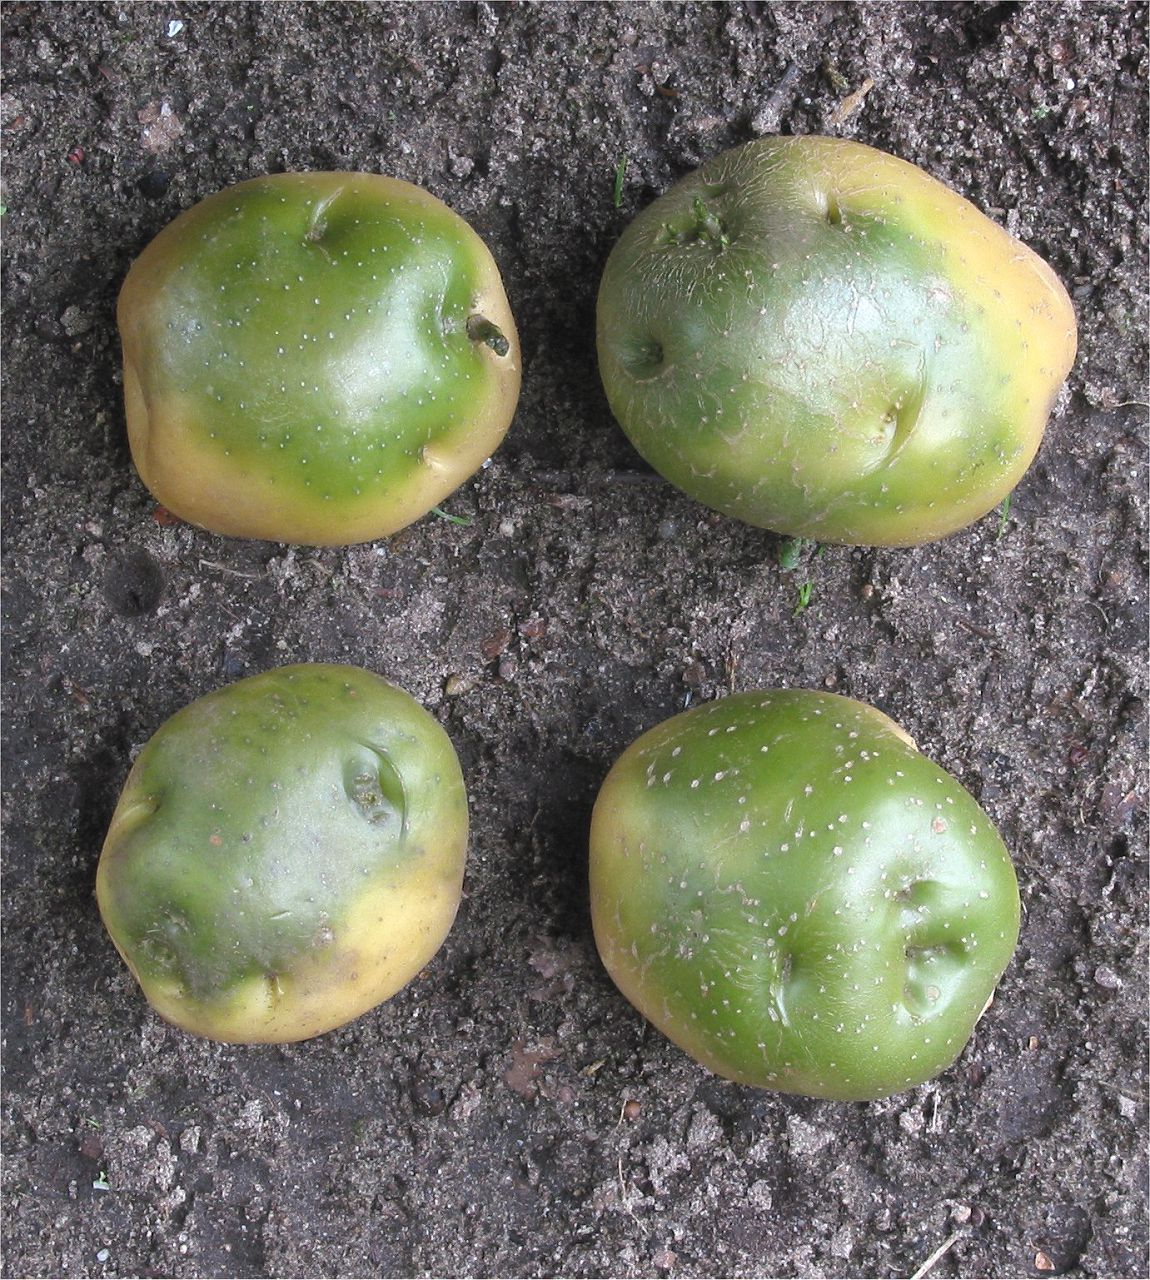 Овощные культуры, относящиеся к семейству пасленовых, вырабатывают растительный яд соланин